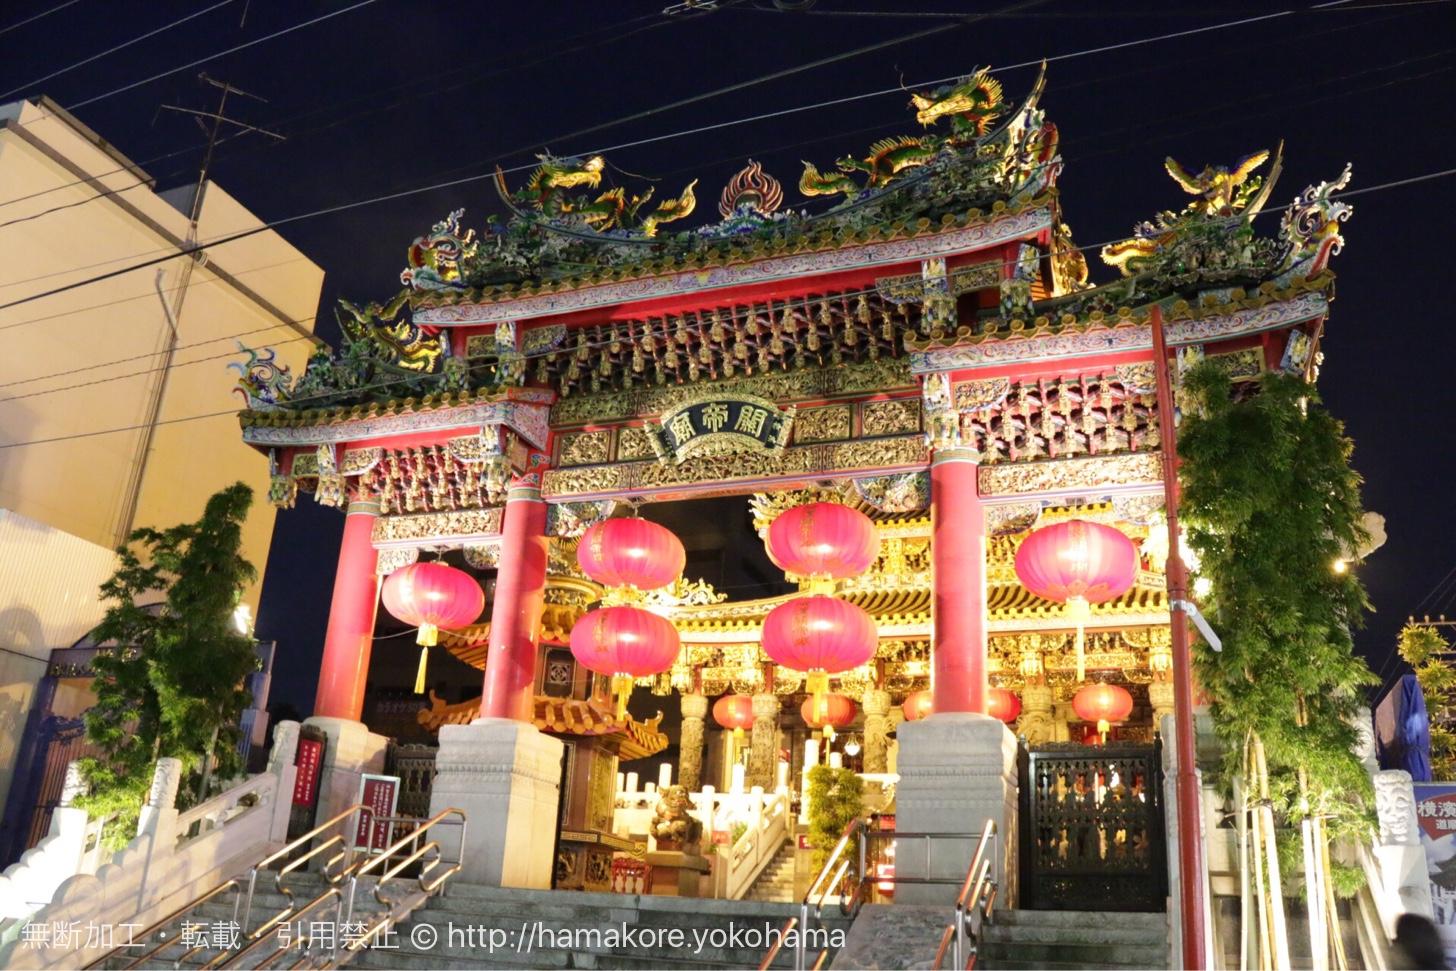 横濱関帝廟(よこはまかんていびょう)